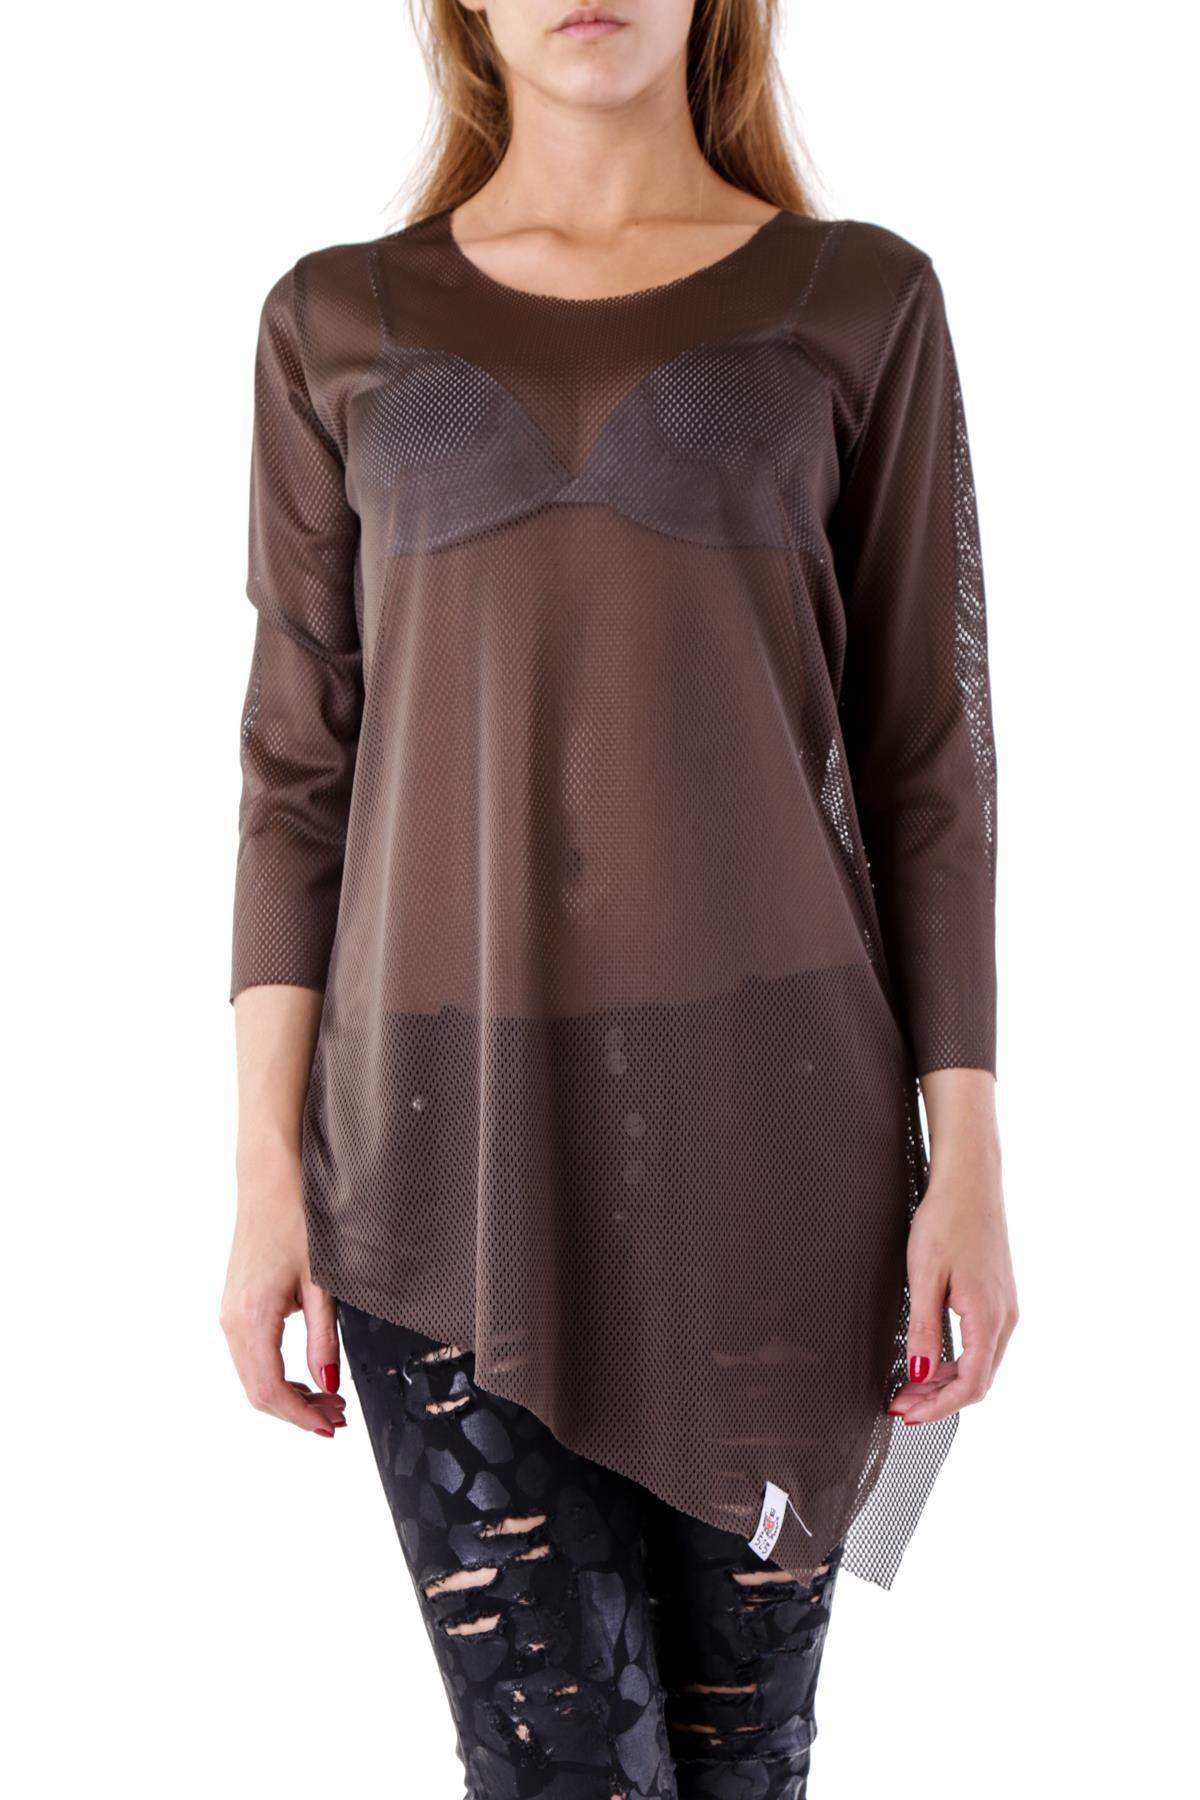 Marchio 525 Genere Donna Tipologia T-shirt Stagione Primavera/Estate  DETTA…